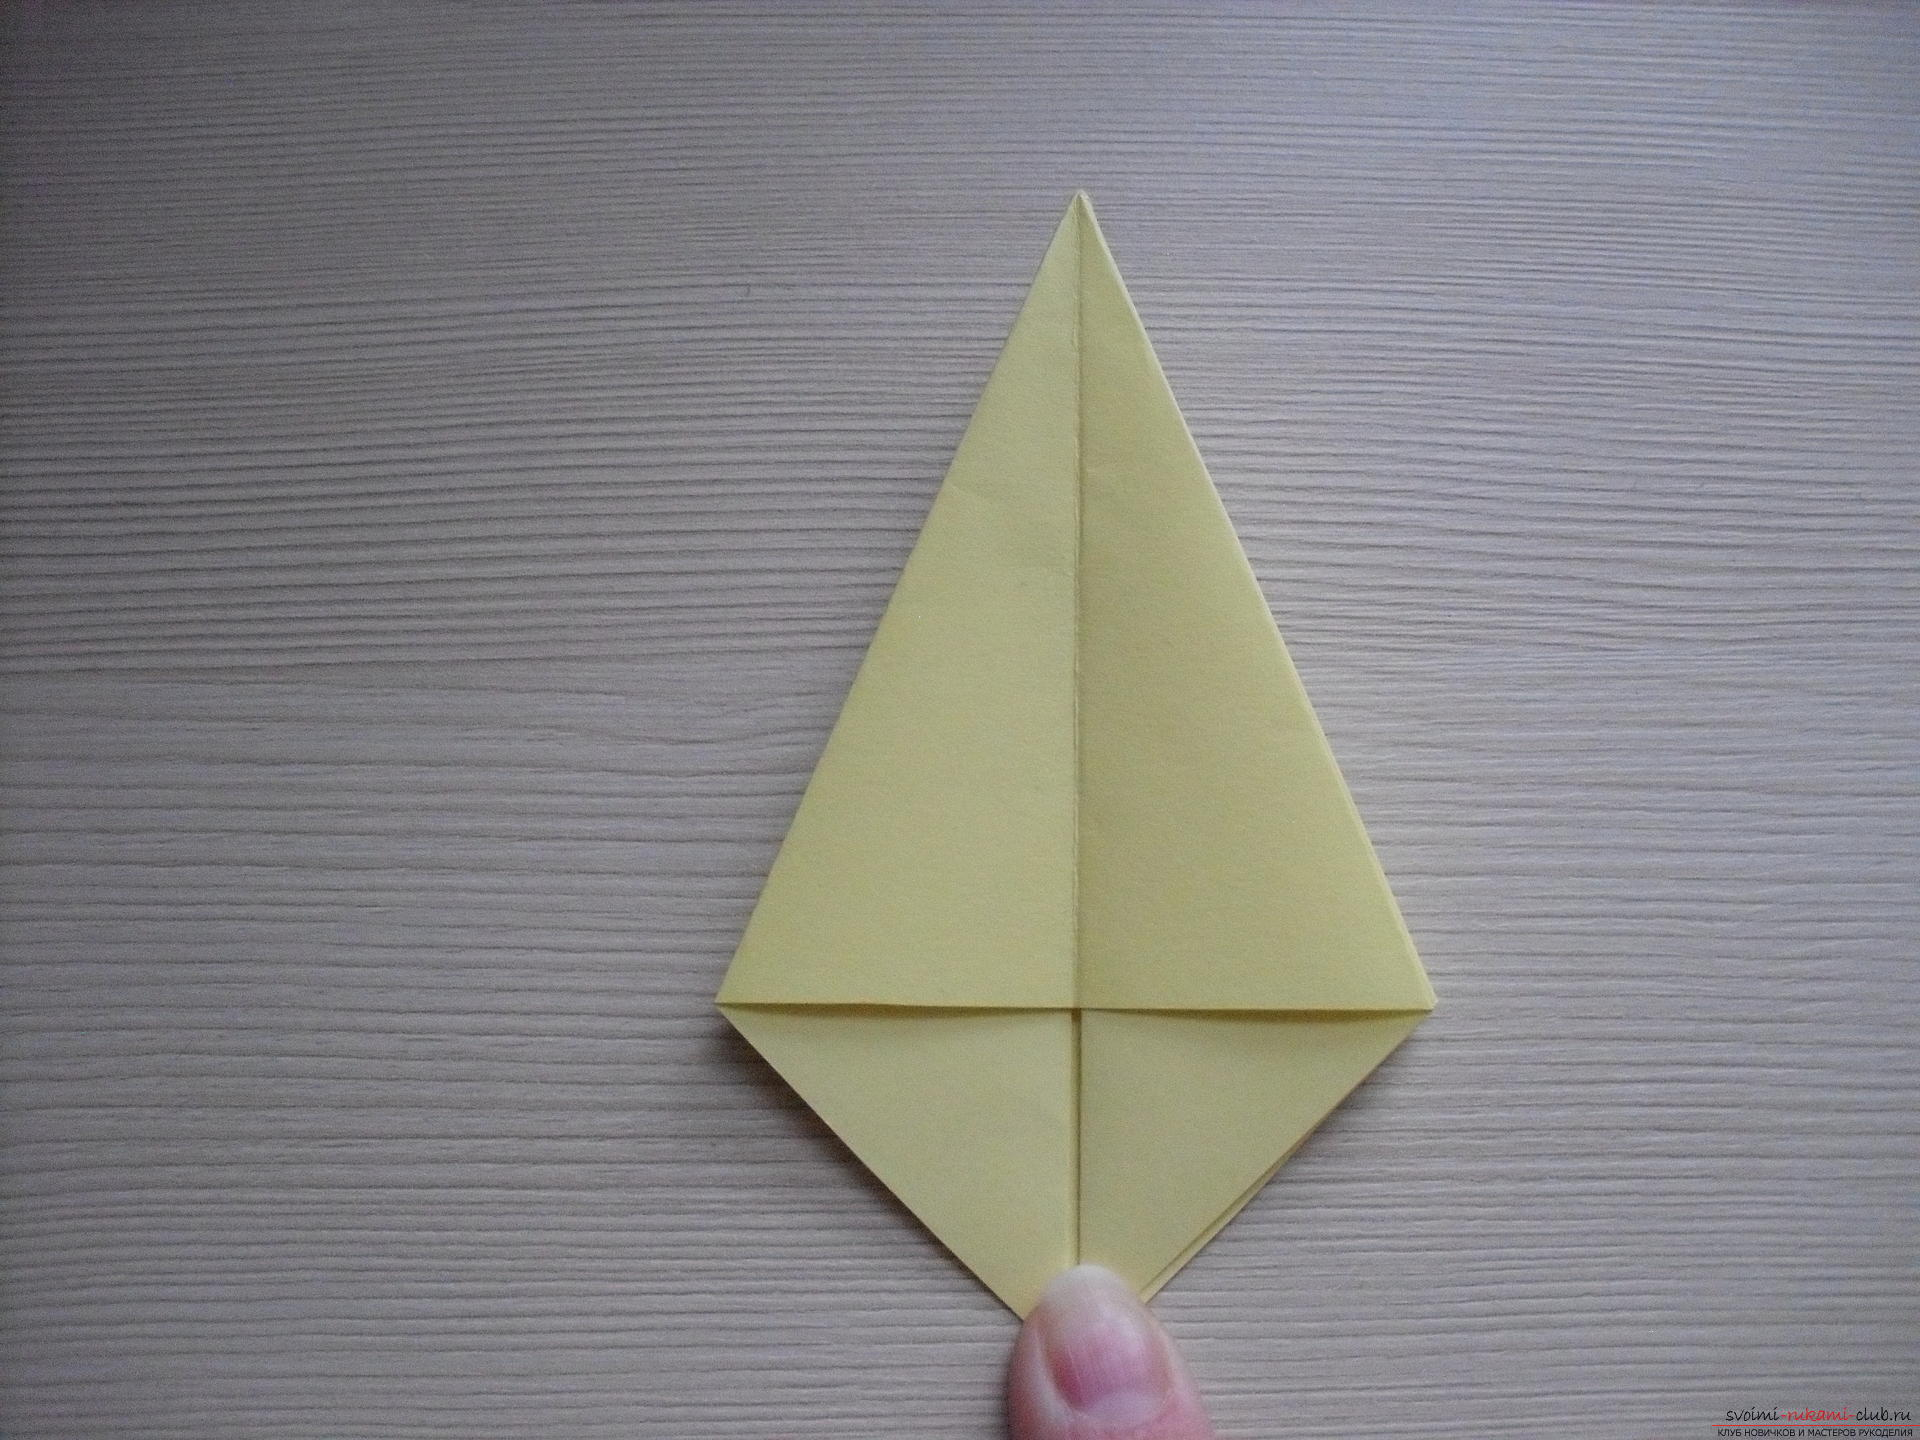 Этот пошаговый мастер-класс с инструкцией модульного оригами научит как сделать корзинку с лилиями.. Фото №29